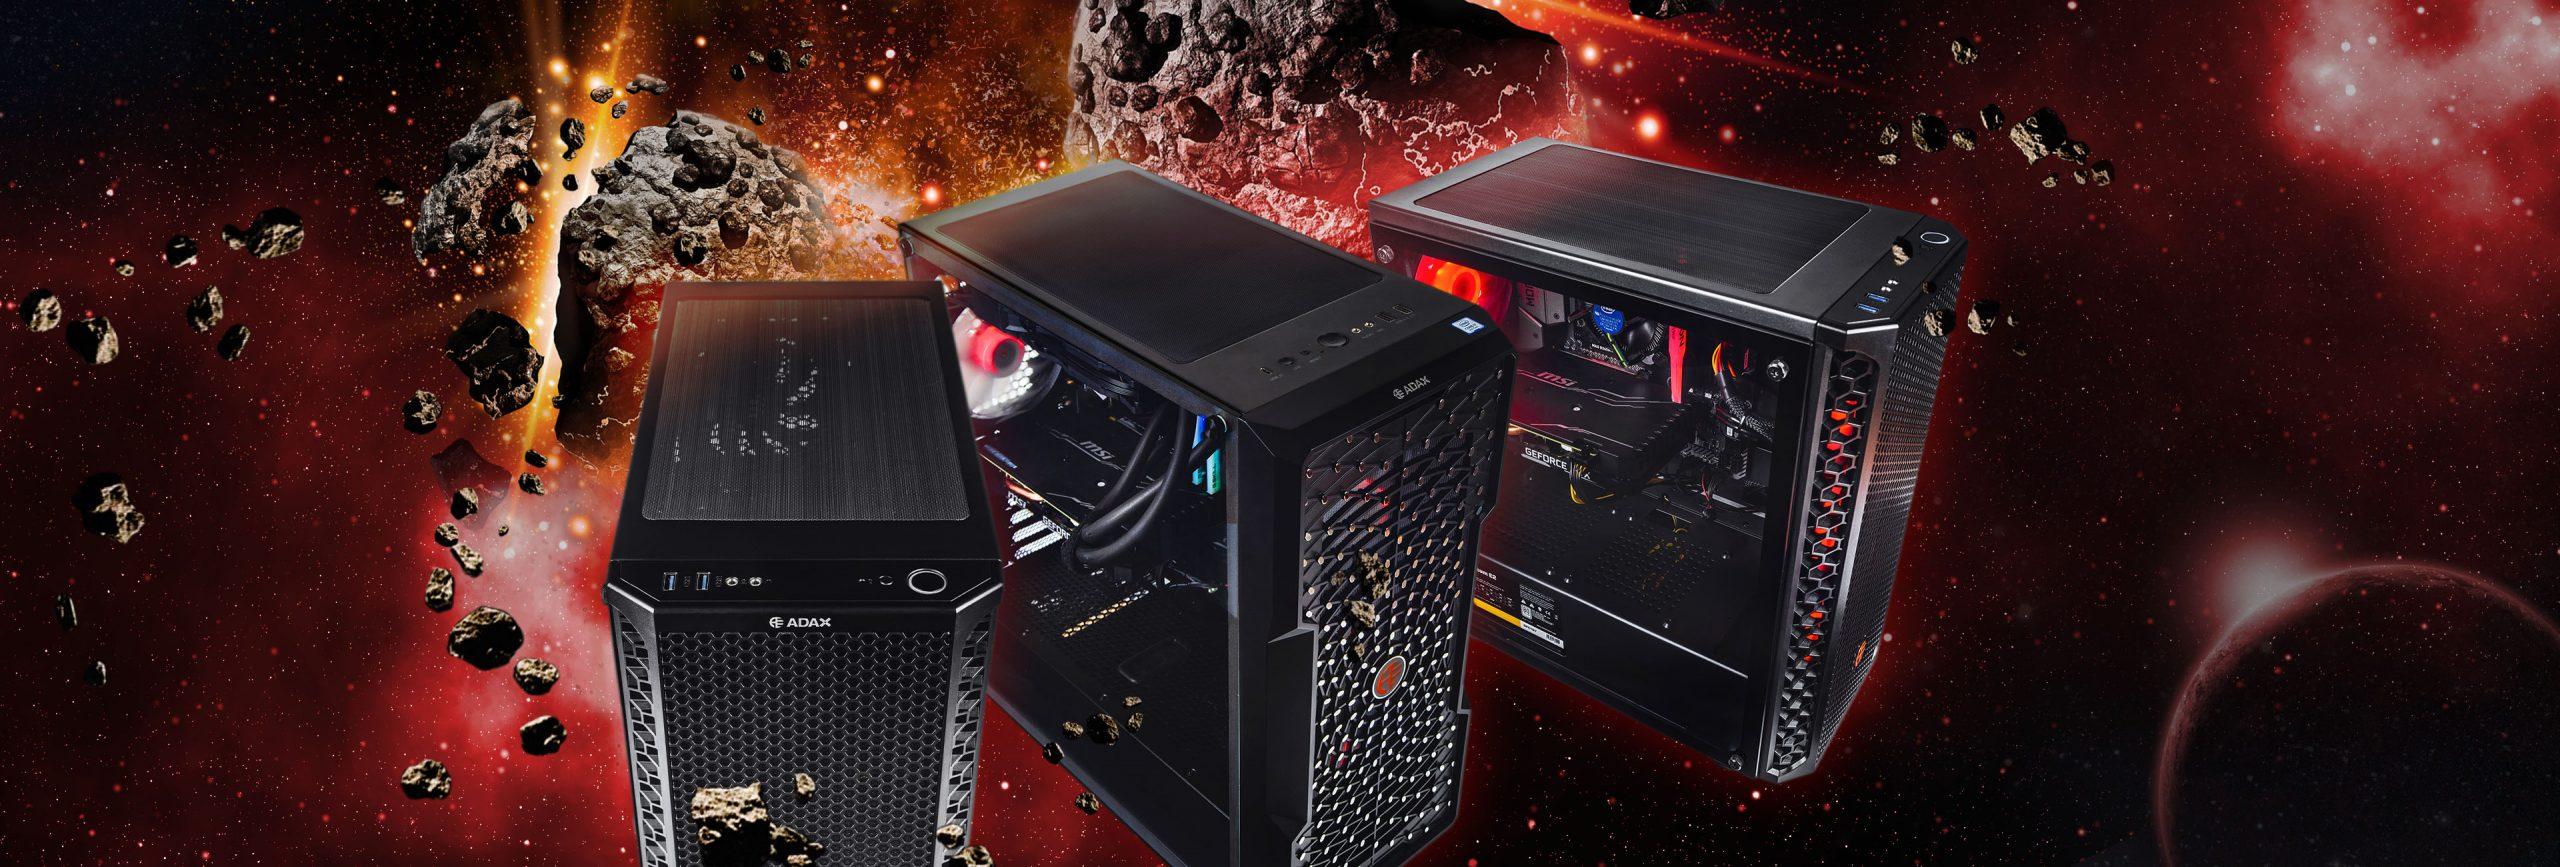 Trzy czarne komputery gamingowe ADAX Draco, podświetlane na czerwono i w ARGB. W tle przestrzeń kosmiczna, rozbijające się komety oraz zarys planety.